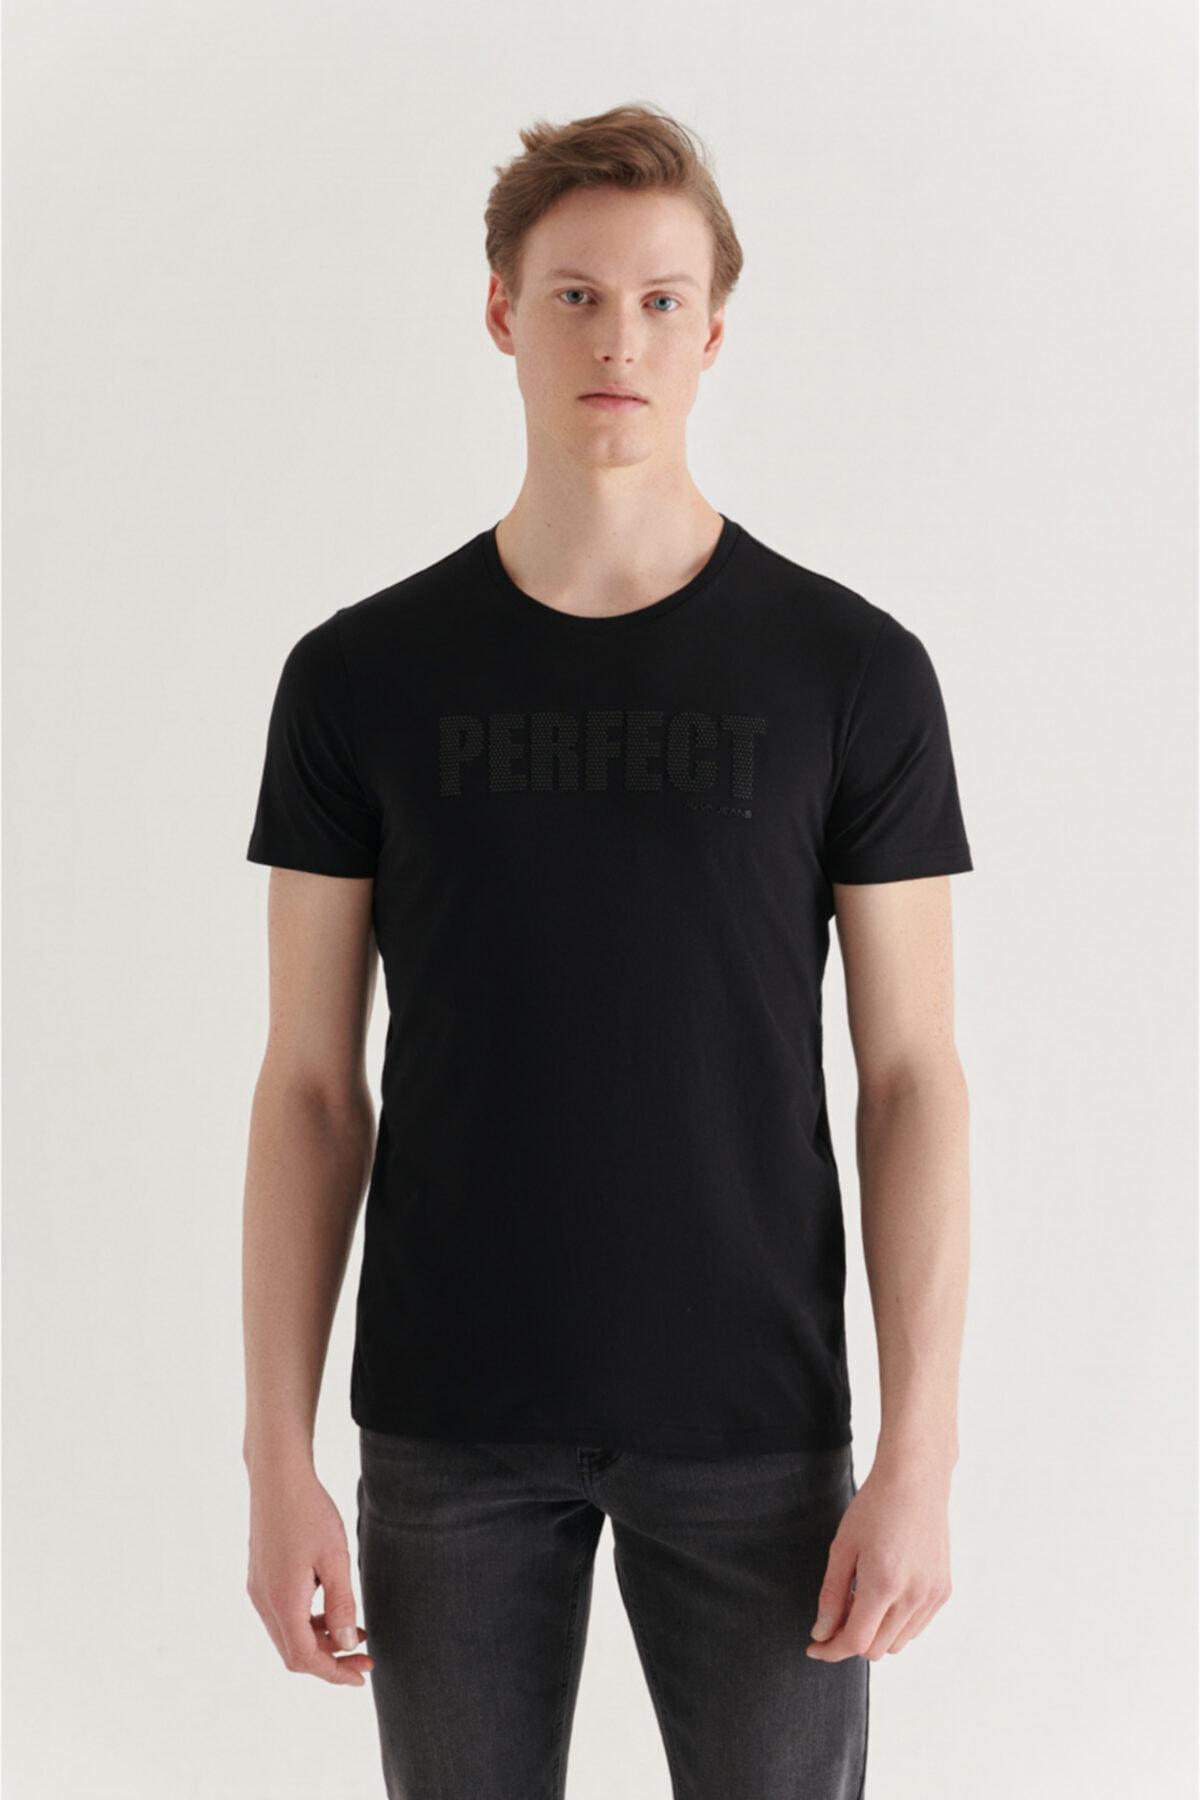 Erkek Siyah Bisiklet Yaka Baskılı T-shirt A11y1019